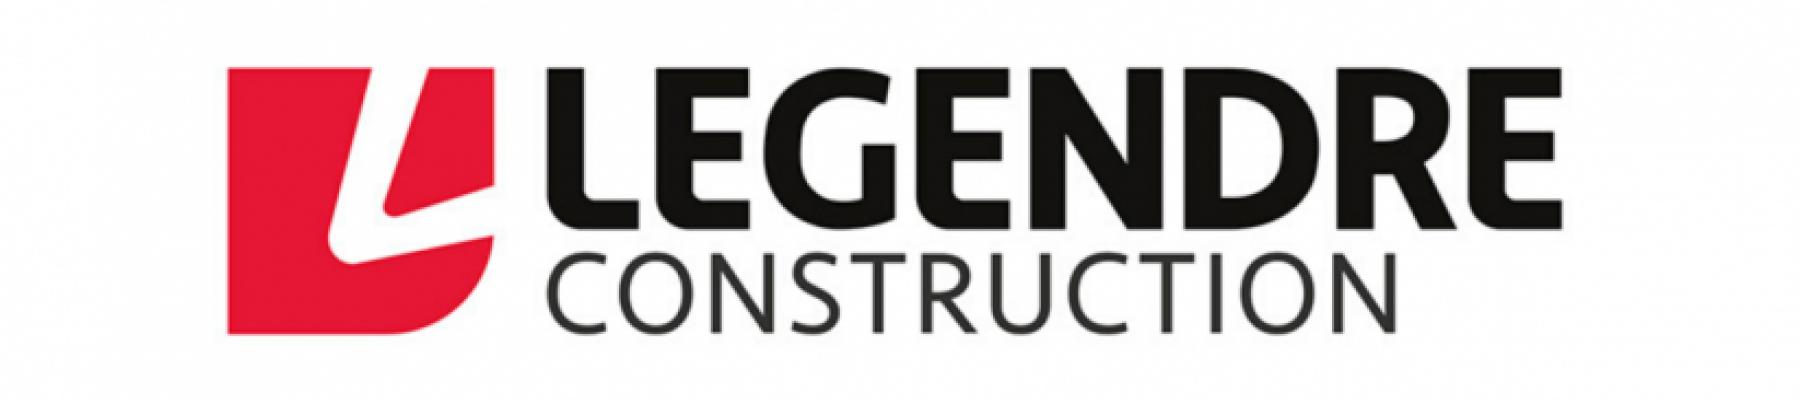 LEGENDRE Construction renforce son partenariat avec l'ESITC Paris!